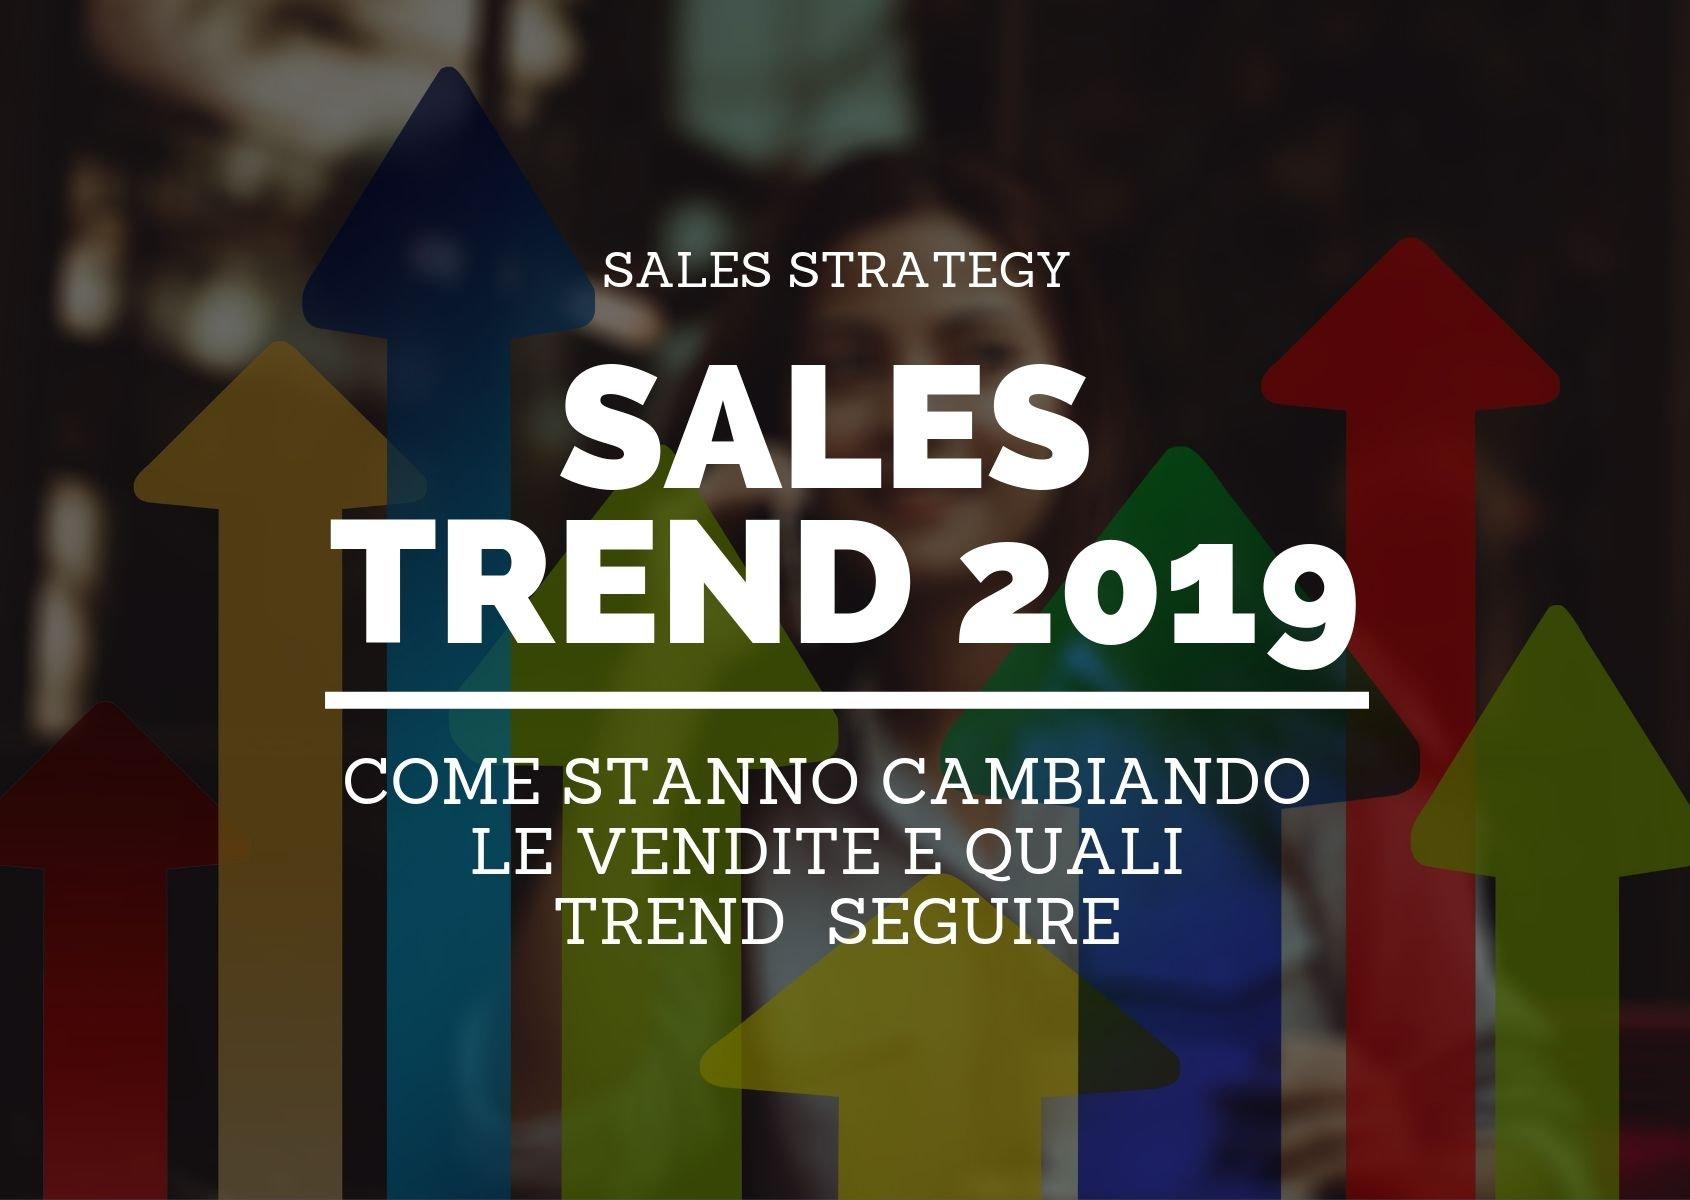 Come stanno cambiando le vendite e quali trend bisogna seguire nel 2019